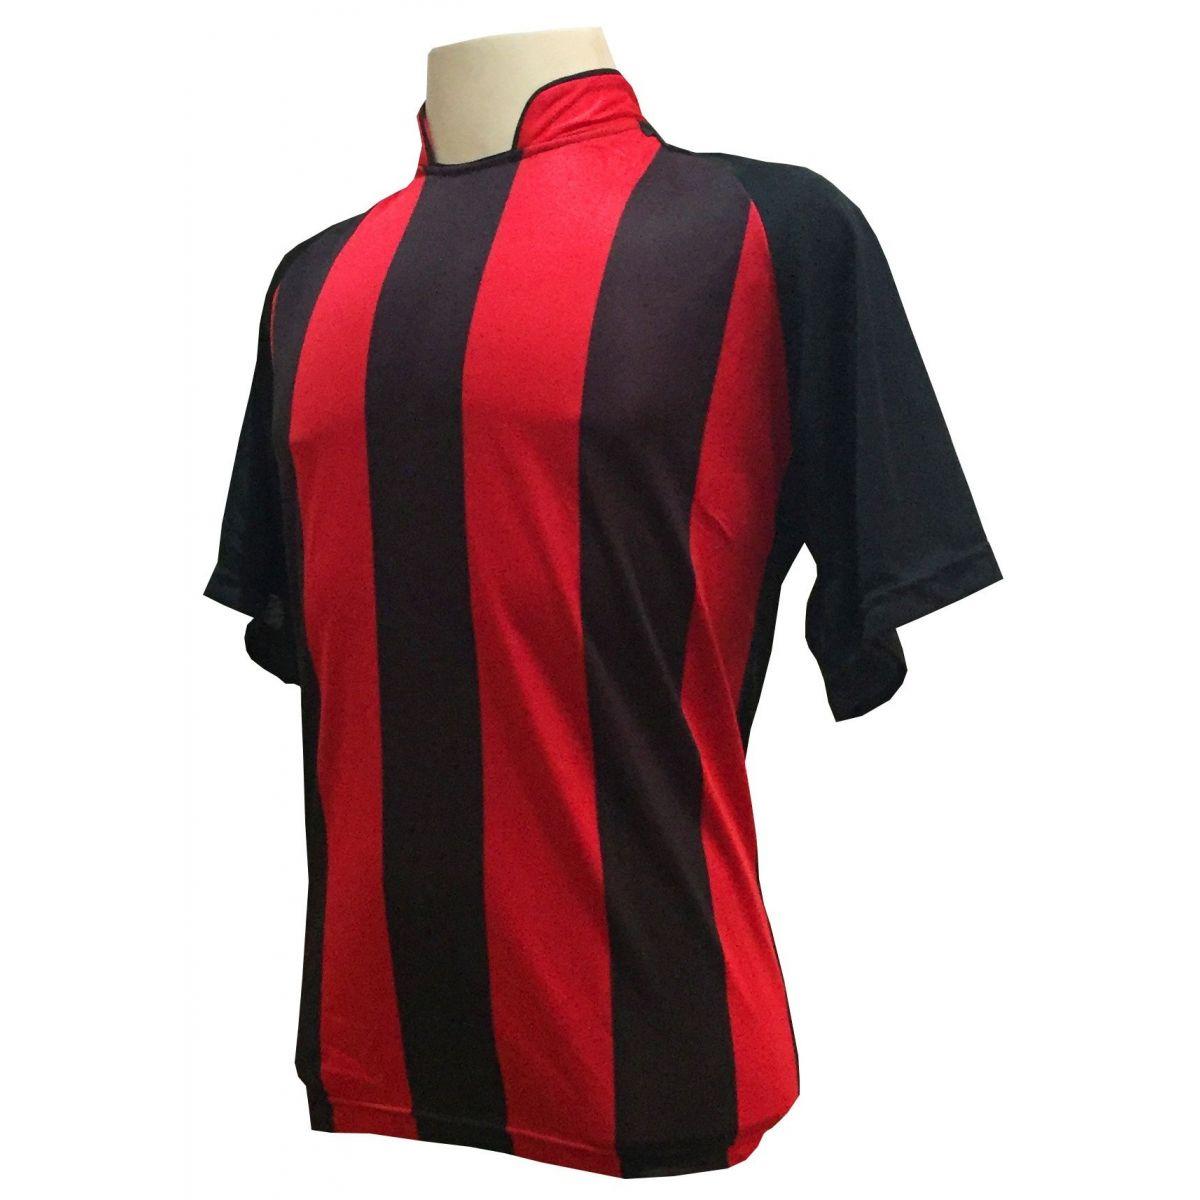 Uniforme Esportivo com 12 camisas modelo Milan Preto/Vermelho + 12 calções modelo Madrid Vermelho + Brindes